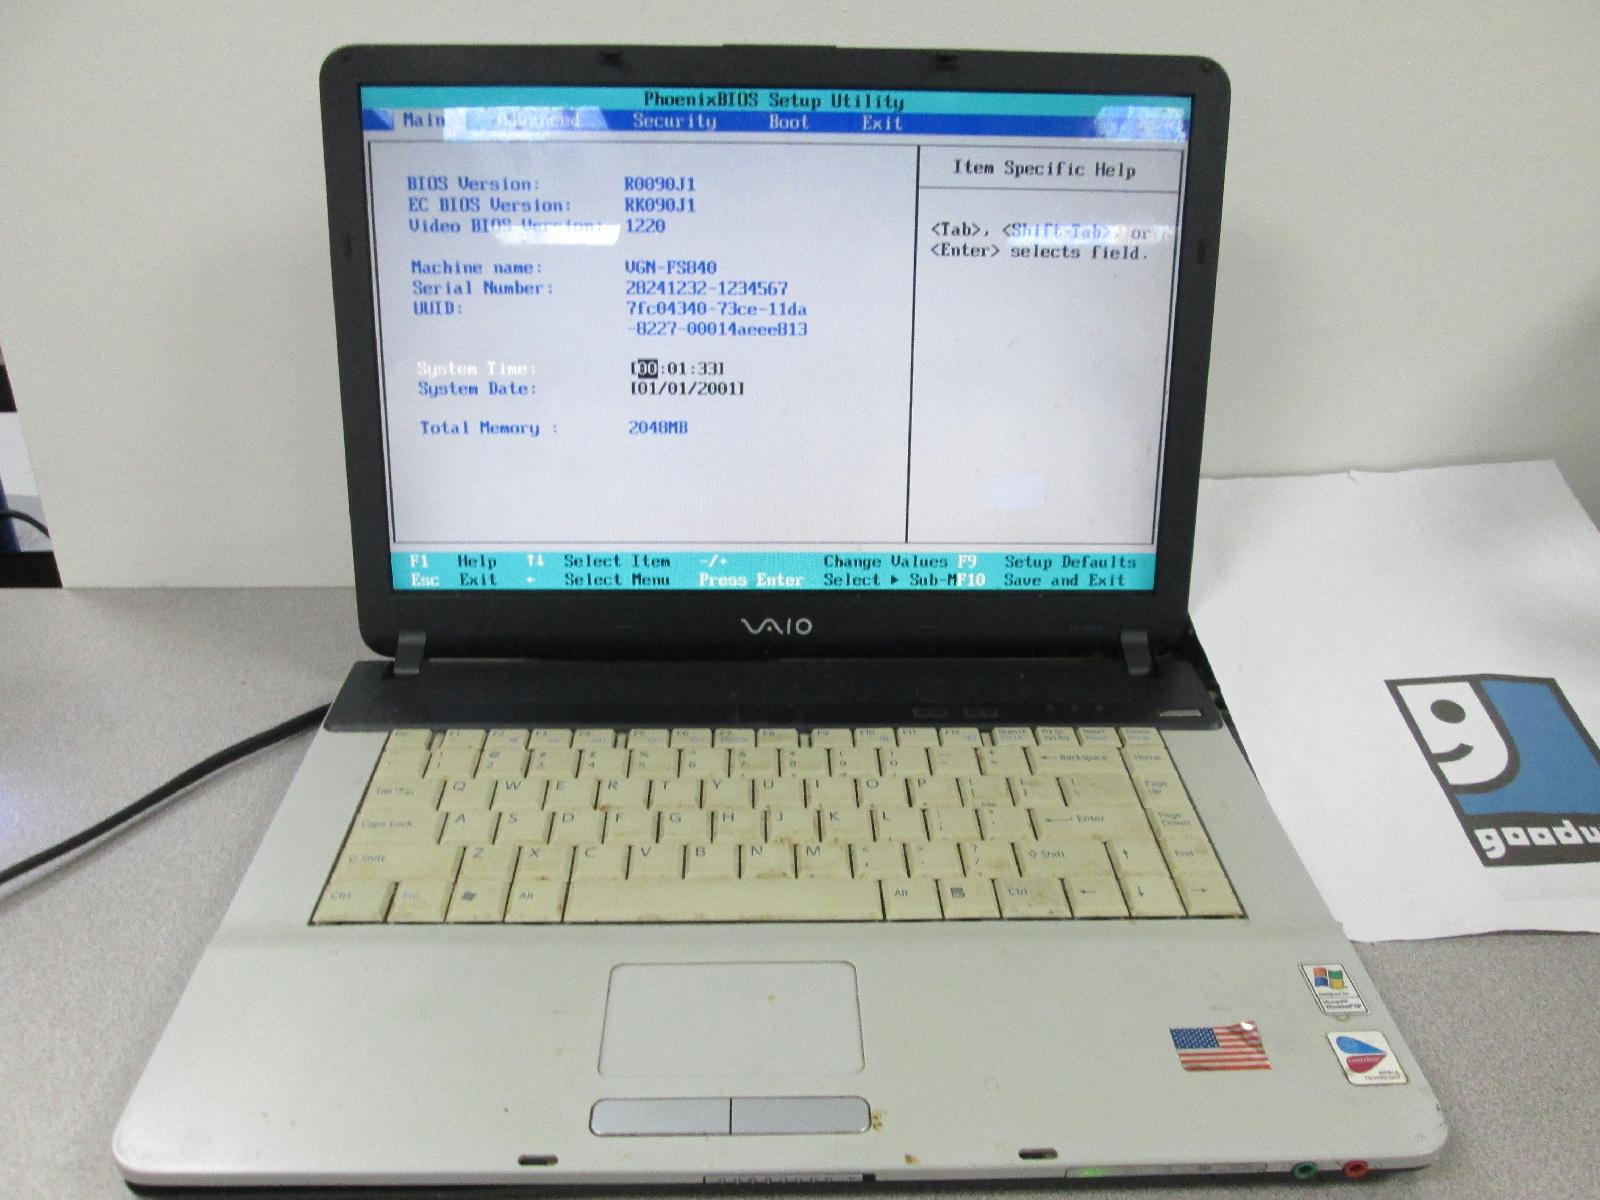 Vgn-fs840 w